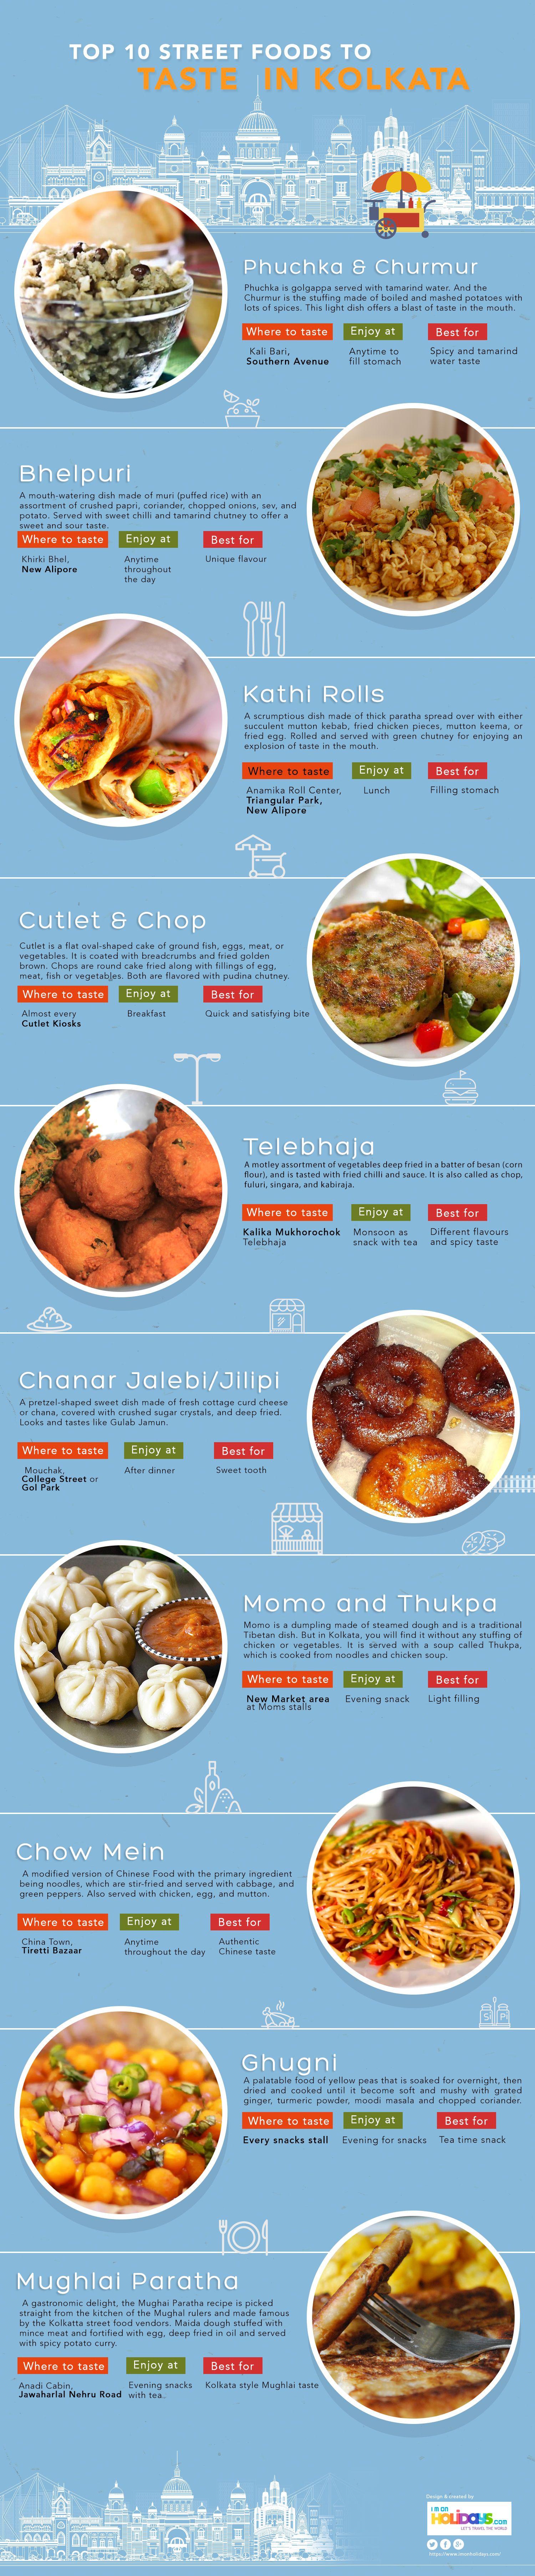 Top 10 Street Foods to Taste in Kolkata